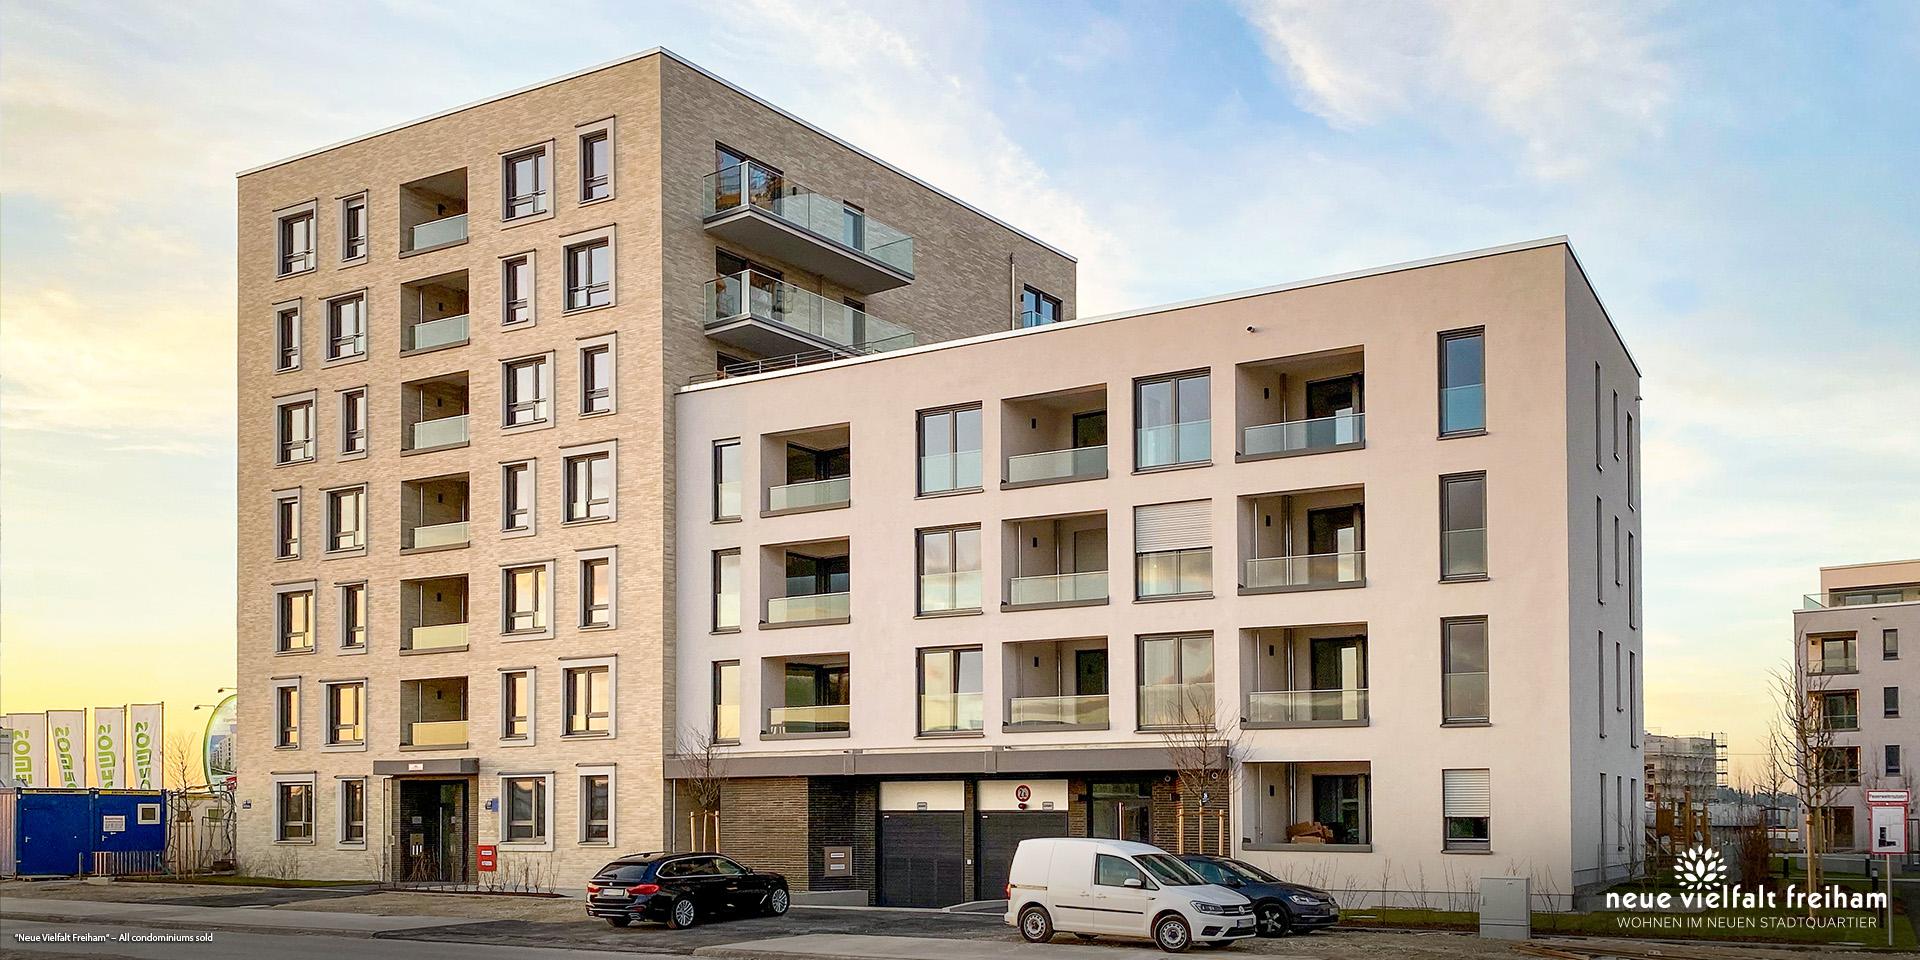 'Neue Vielfalt Freiham' in Munich-Freiham: All condominiums sold